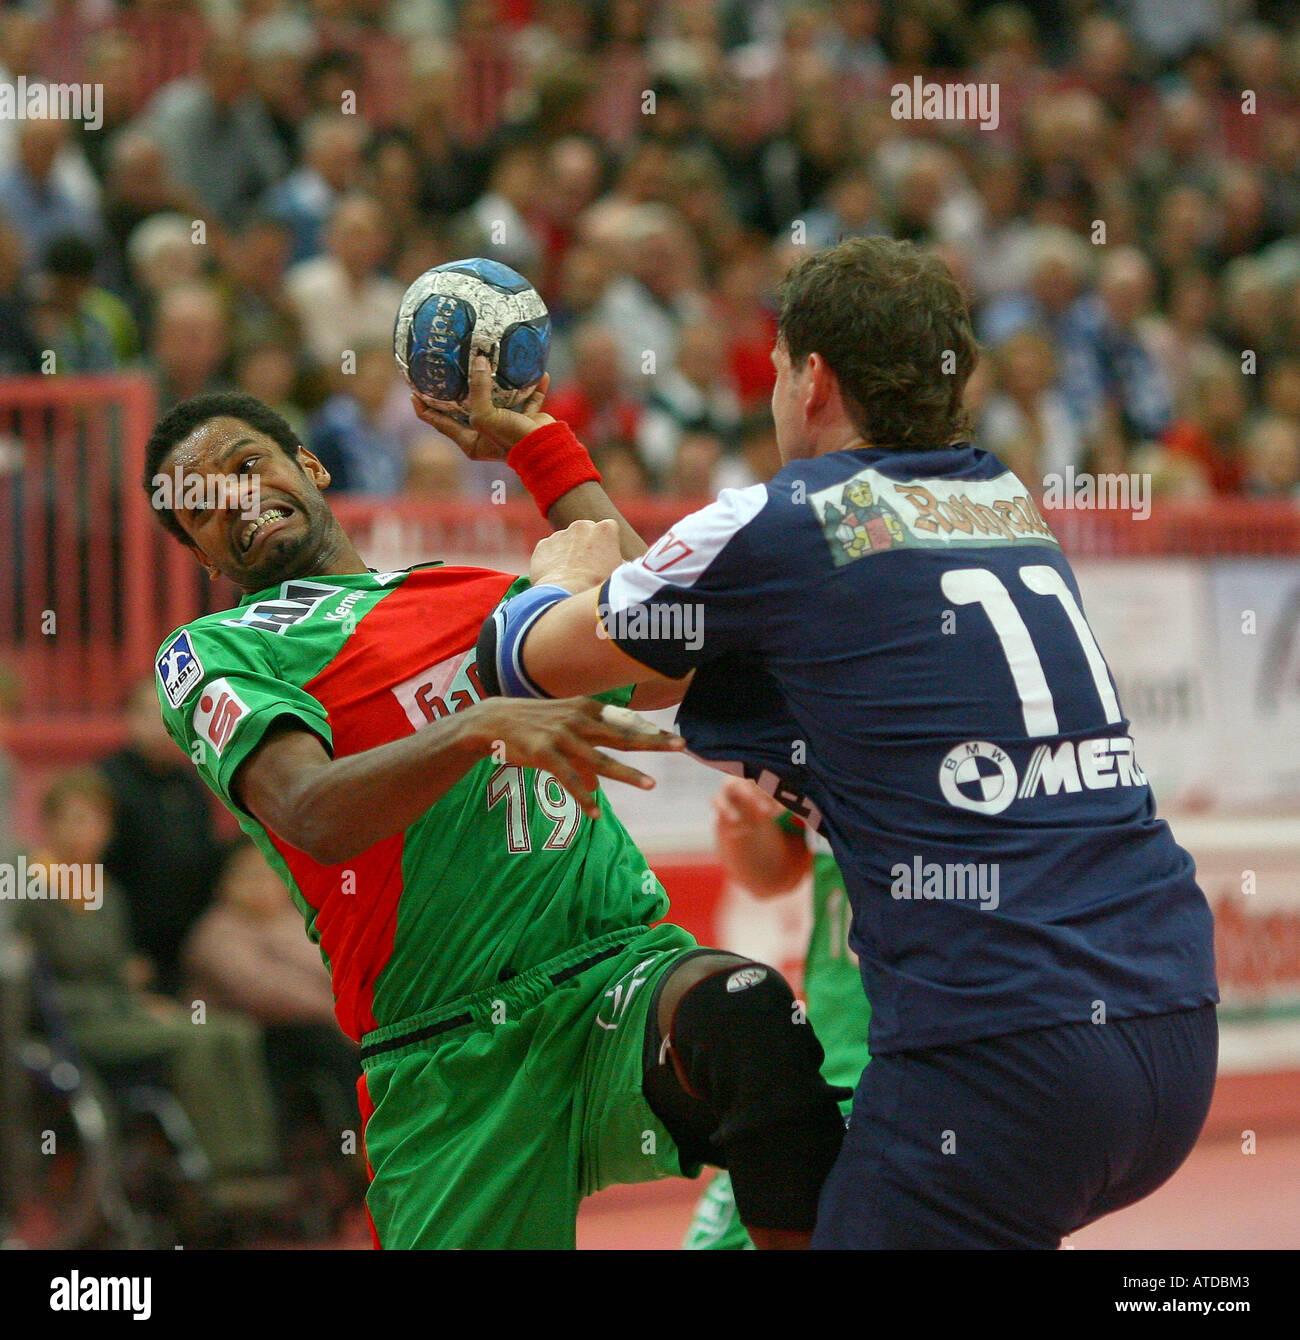 Joel Abati, SC Magdeburg - Stock Image